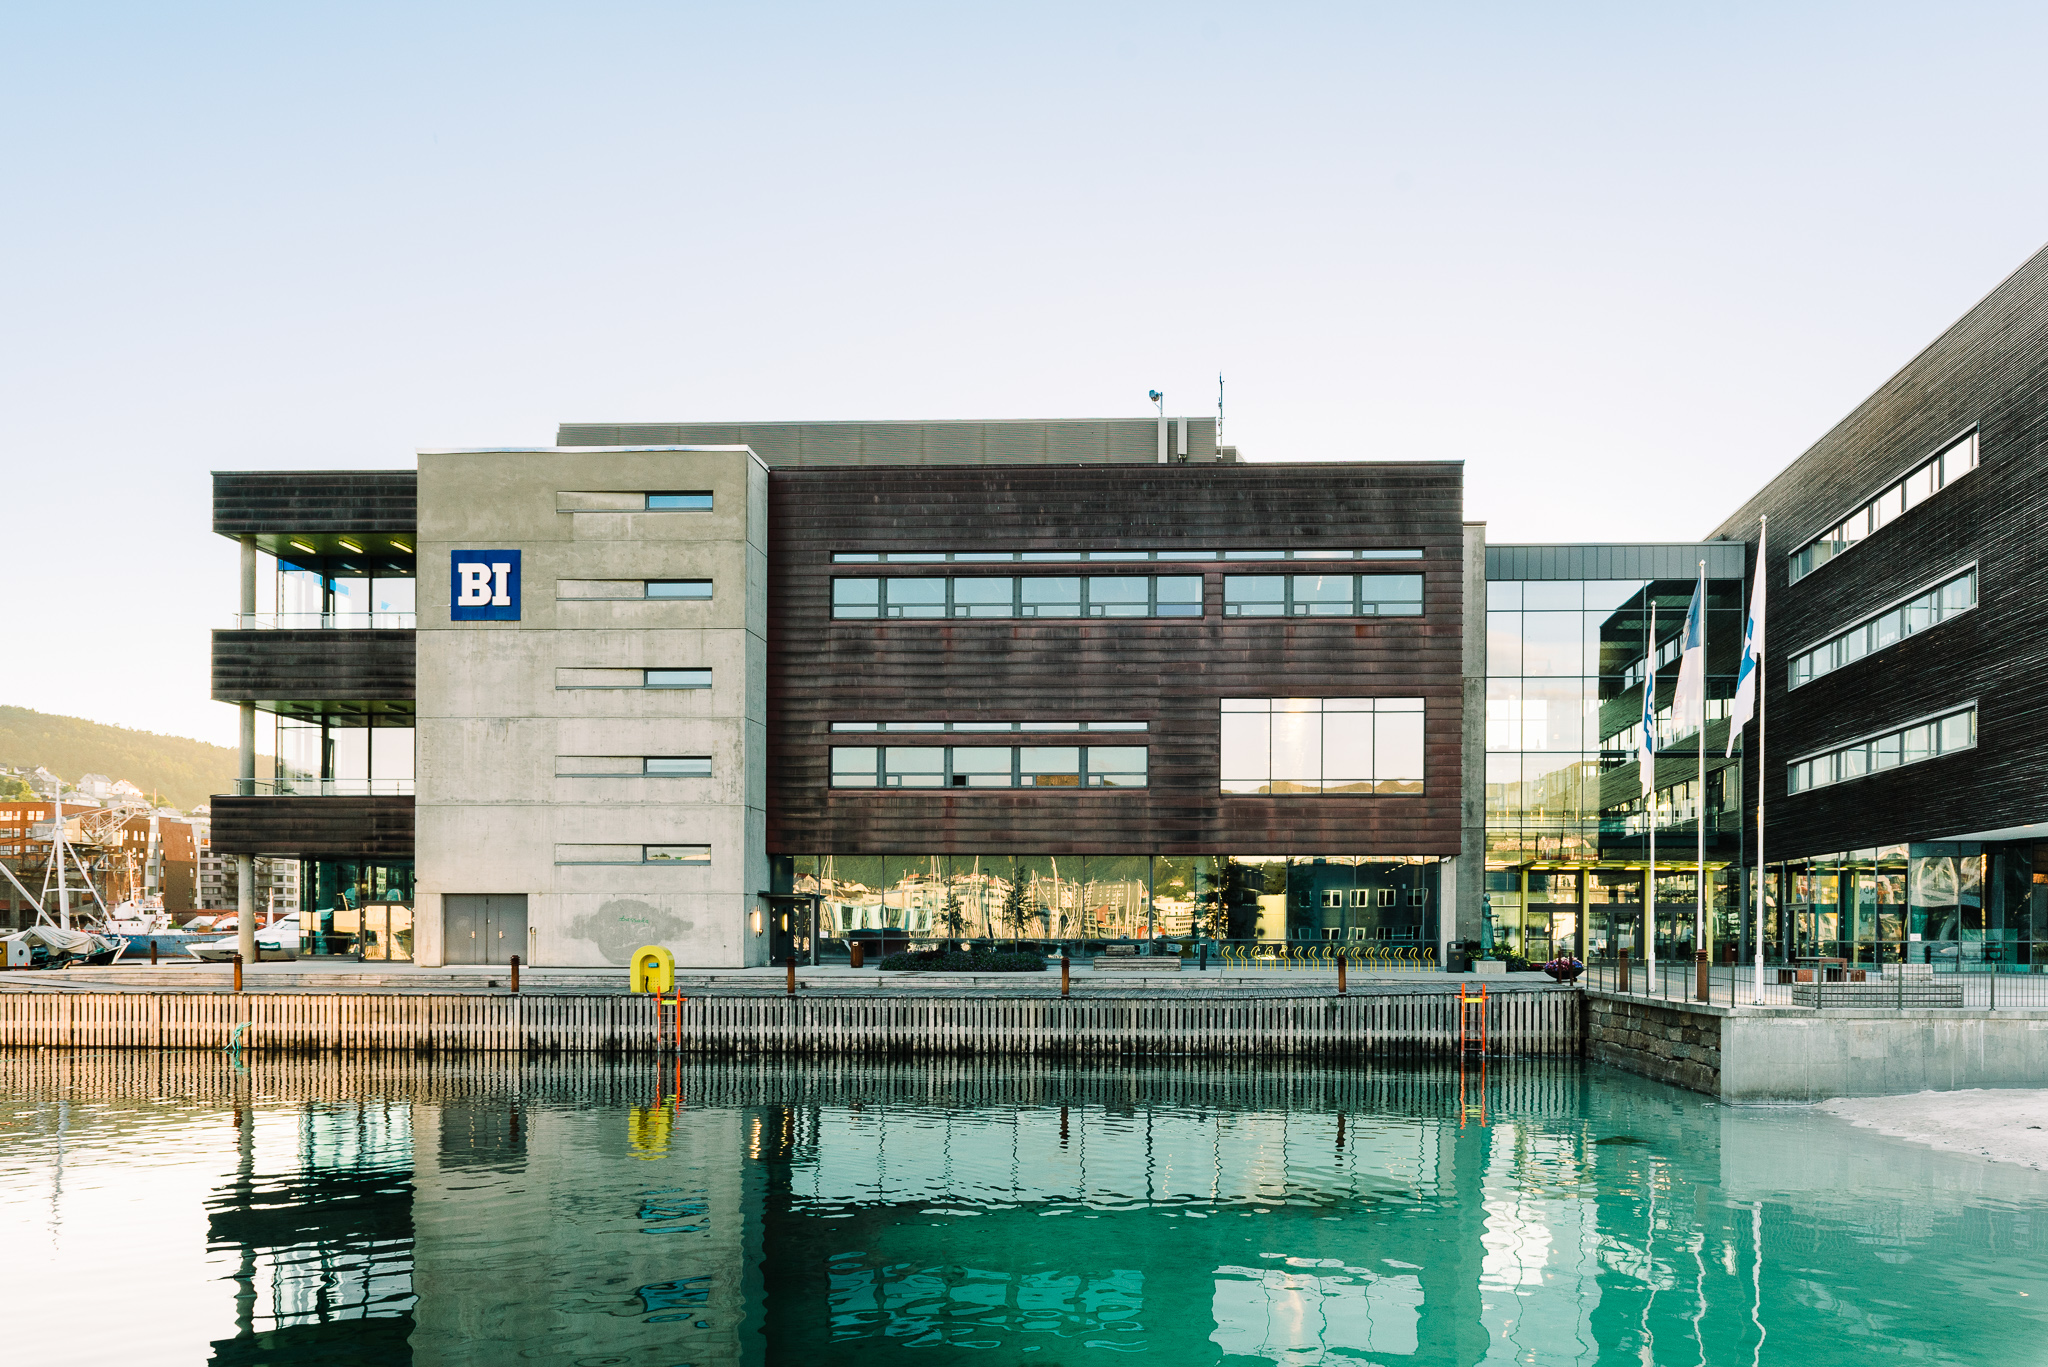 BI Bergen fasade og miljø - web - Cecilie Bannow - all rights reserved-5.._